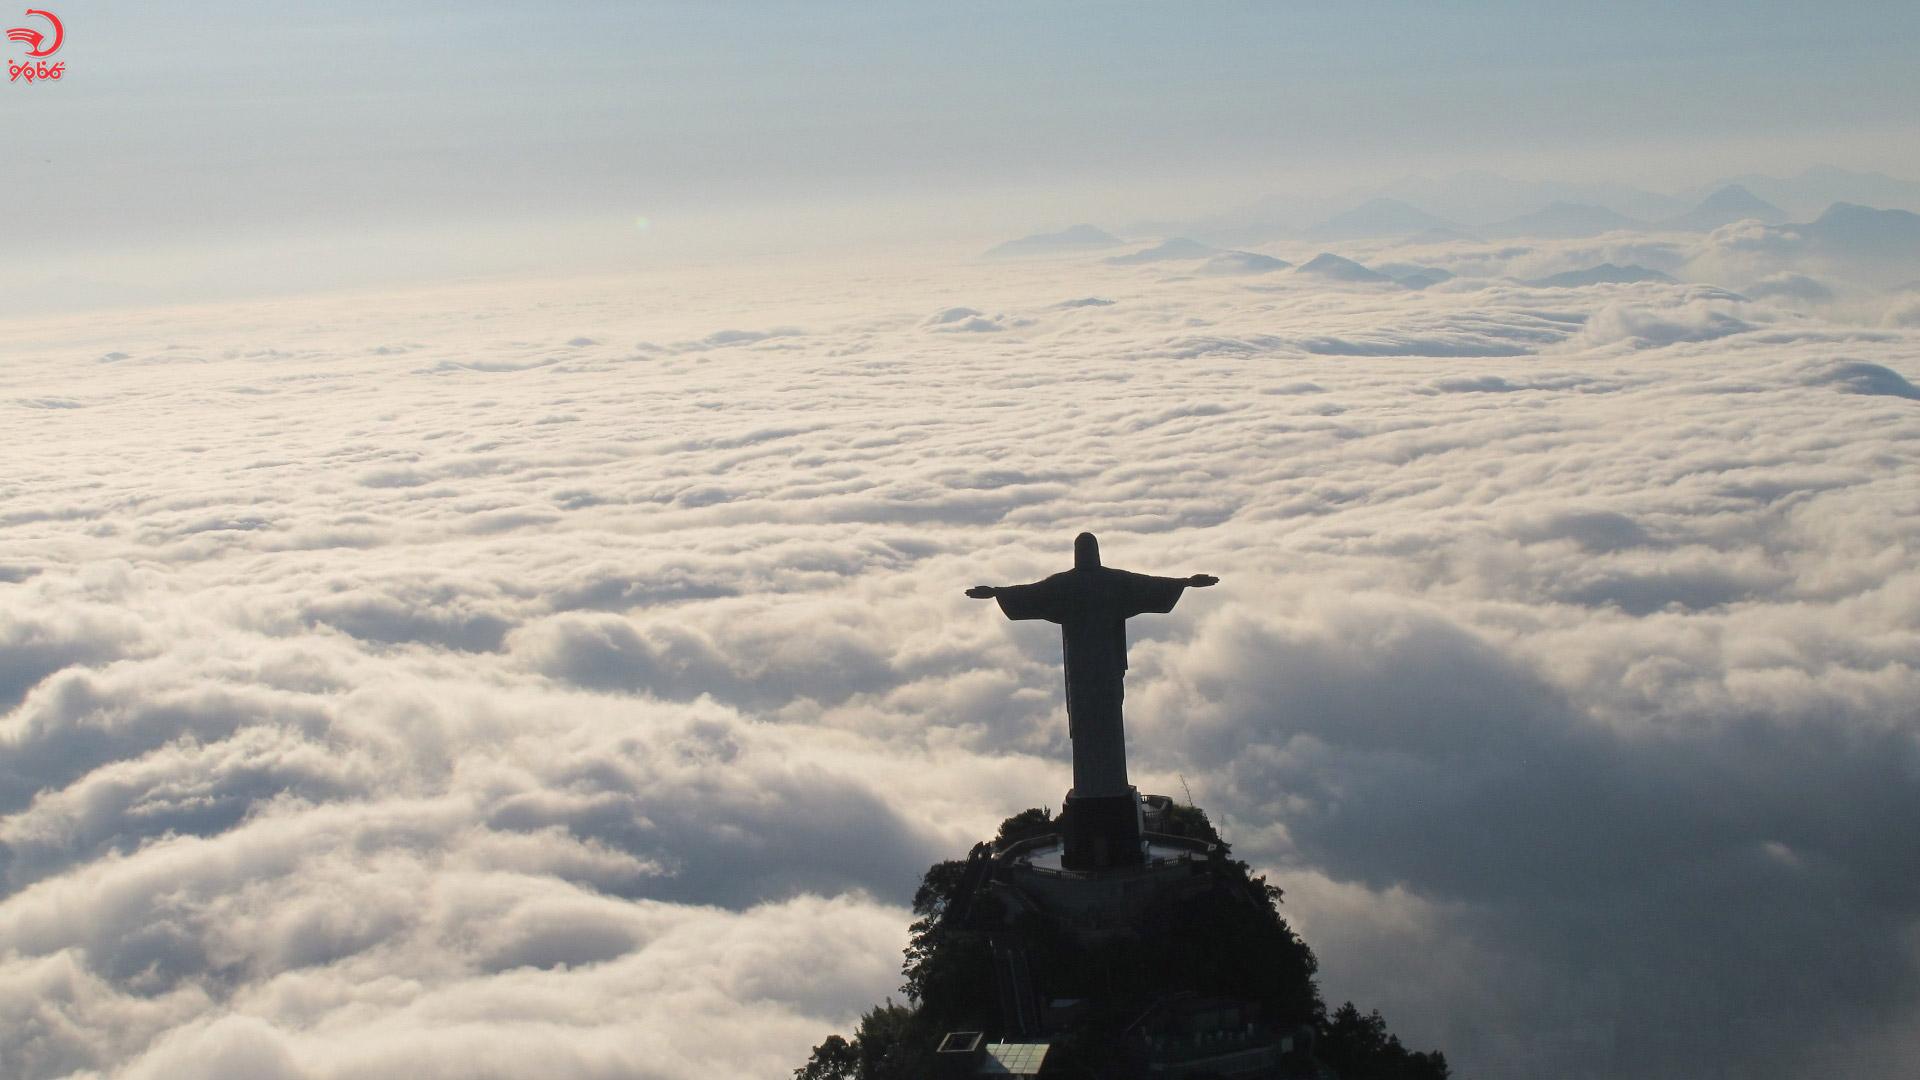 مجسمه مسیح، برزیل